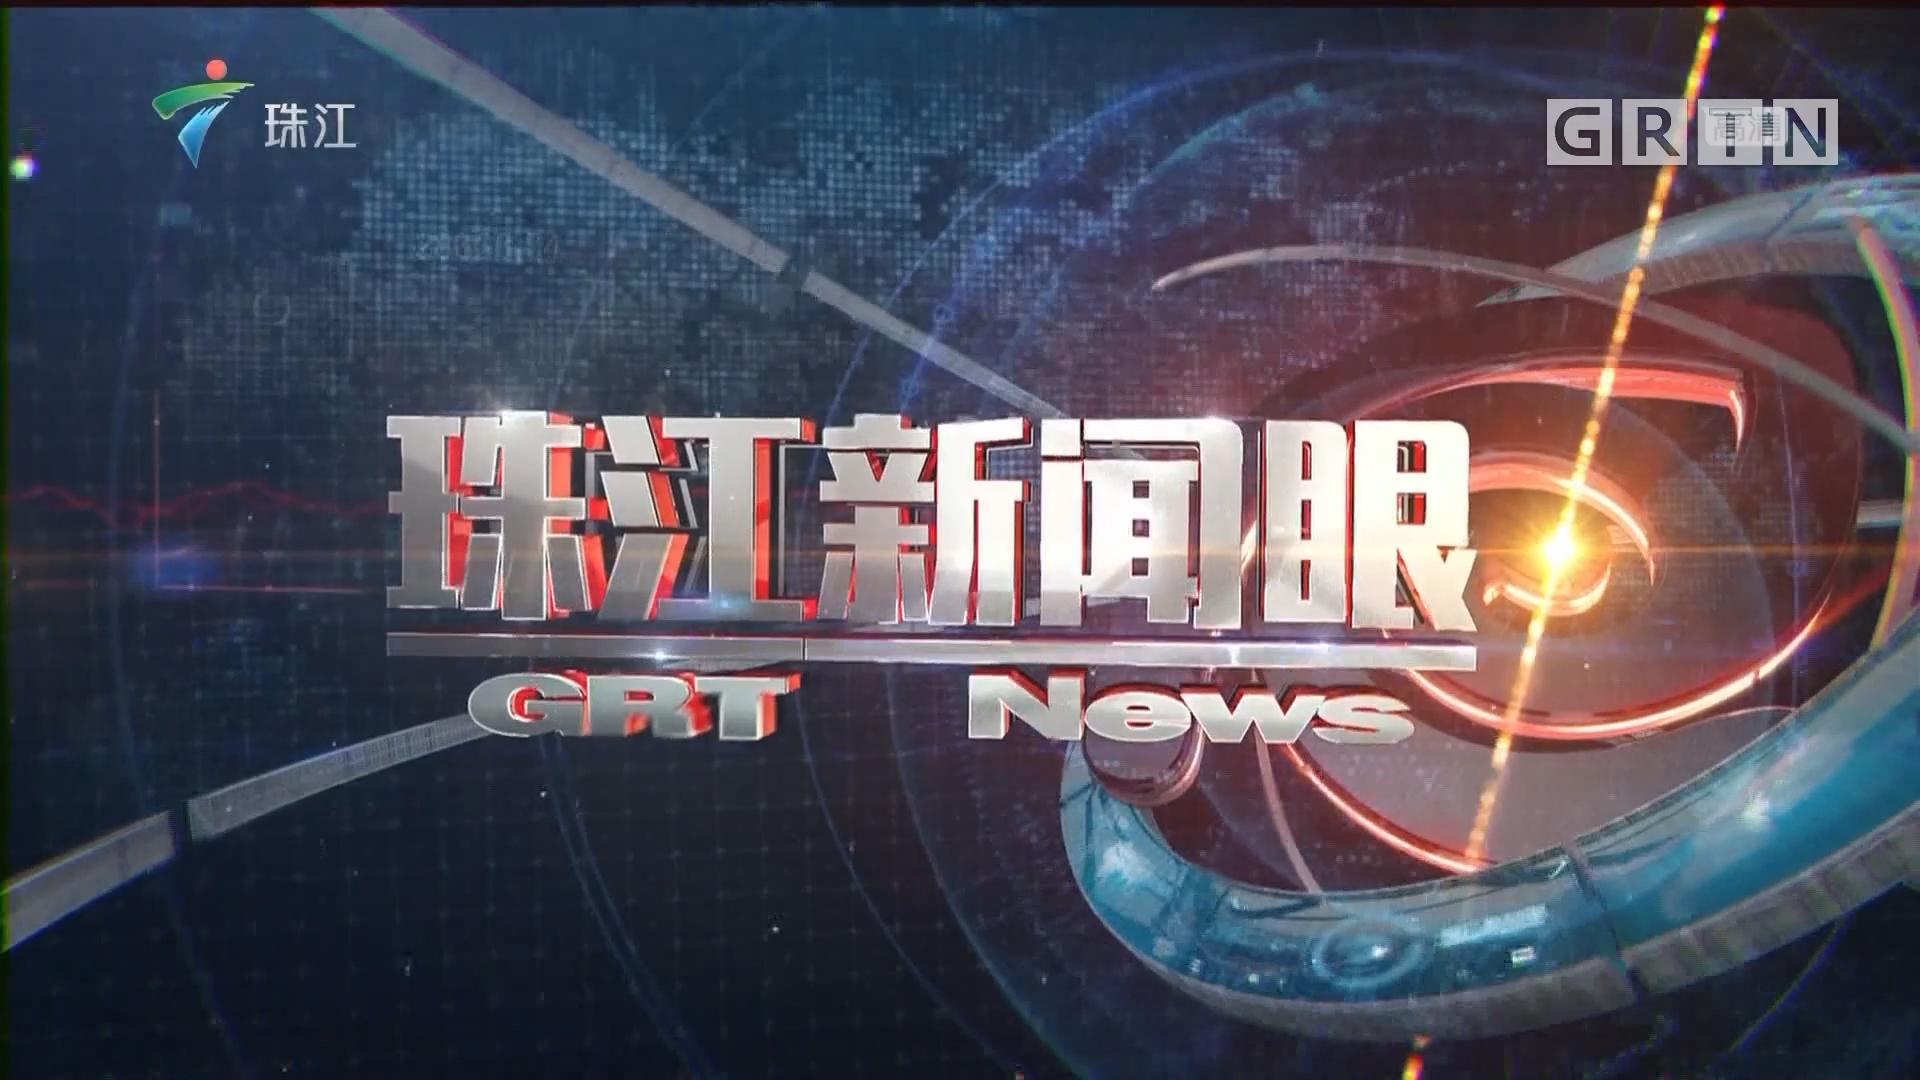 [HD][2019-03-13]珠江新闻眼:manbetx手机版 - 登陆代表团共提出代表议案17件 建议545件